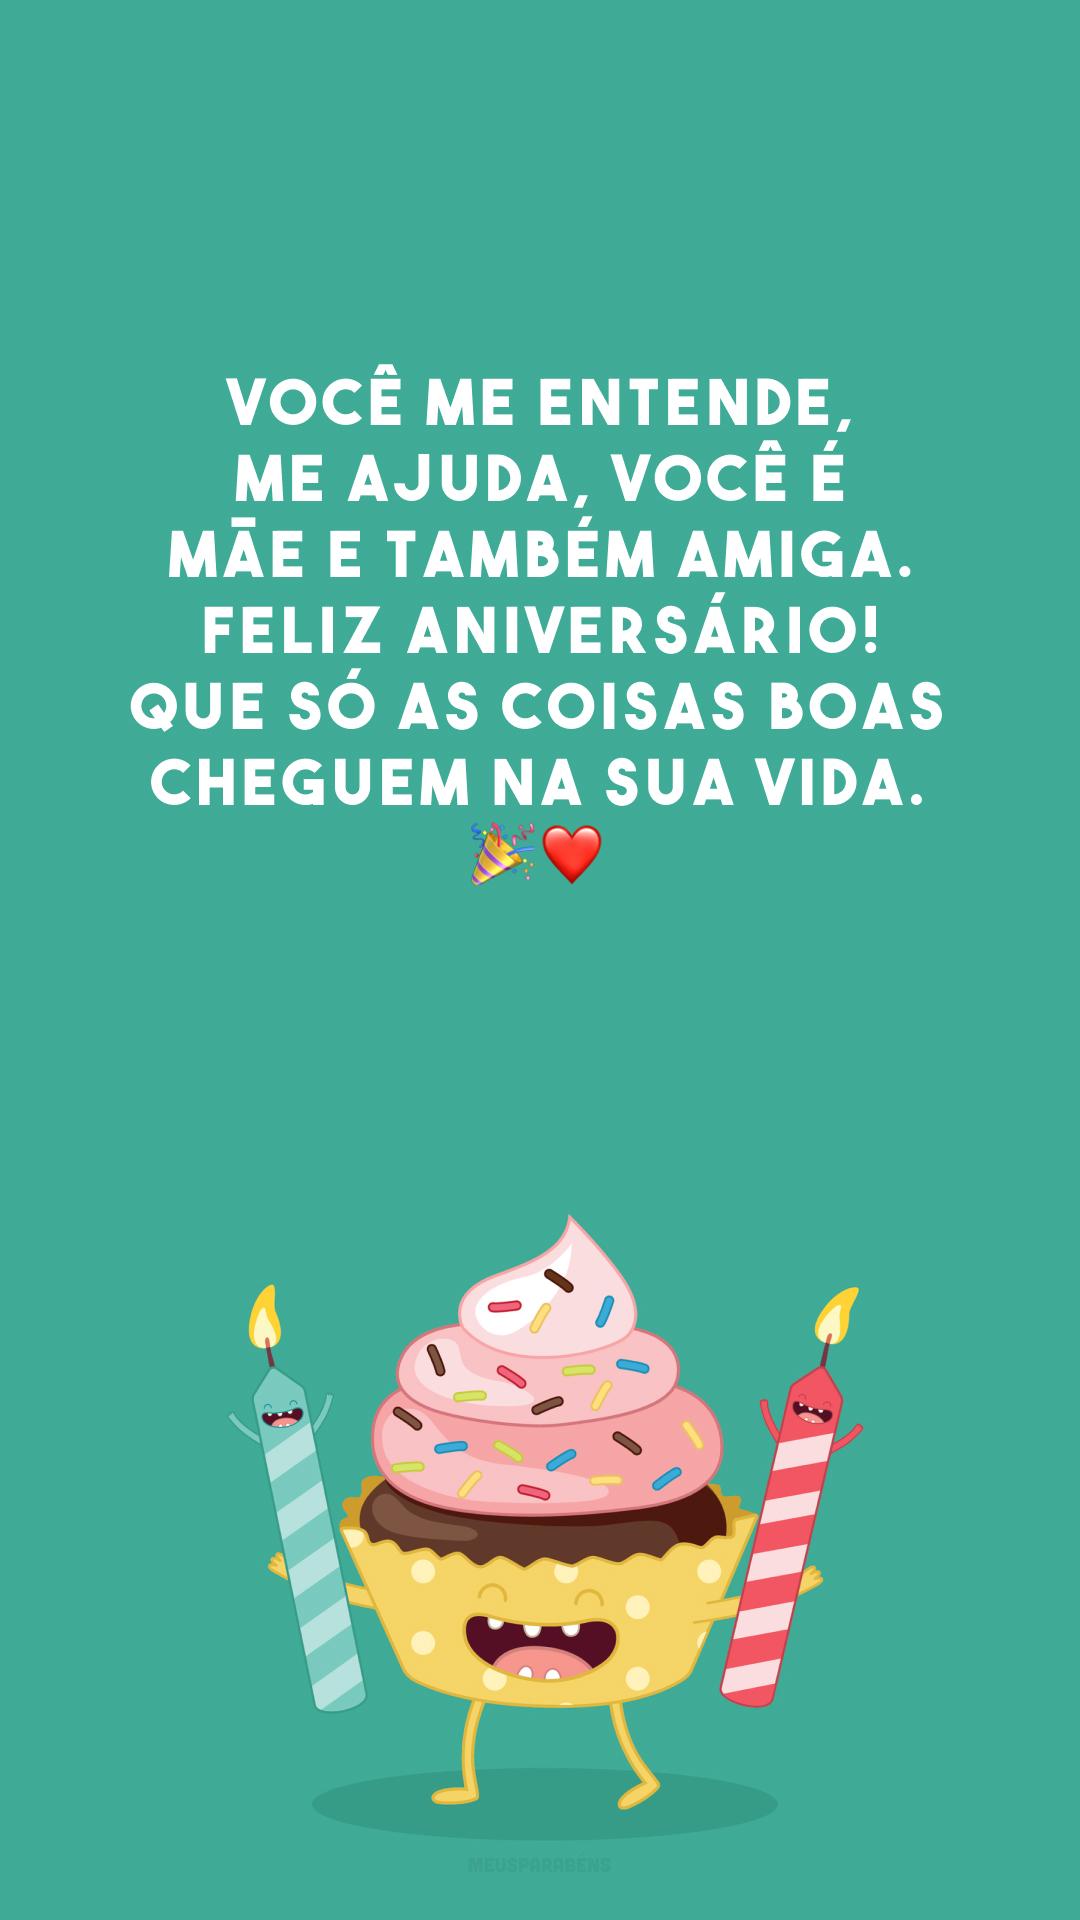 Você me entende, me ajuda, você é mãe e também amiga. Feliz aniversário! Que só as coisas boas cheguem na sua vida. 🎉❤️